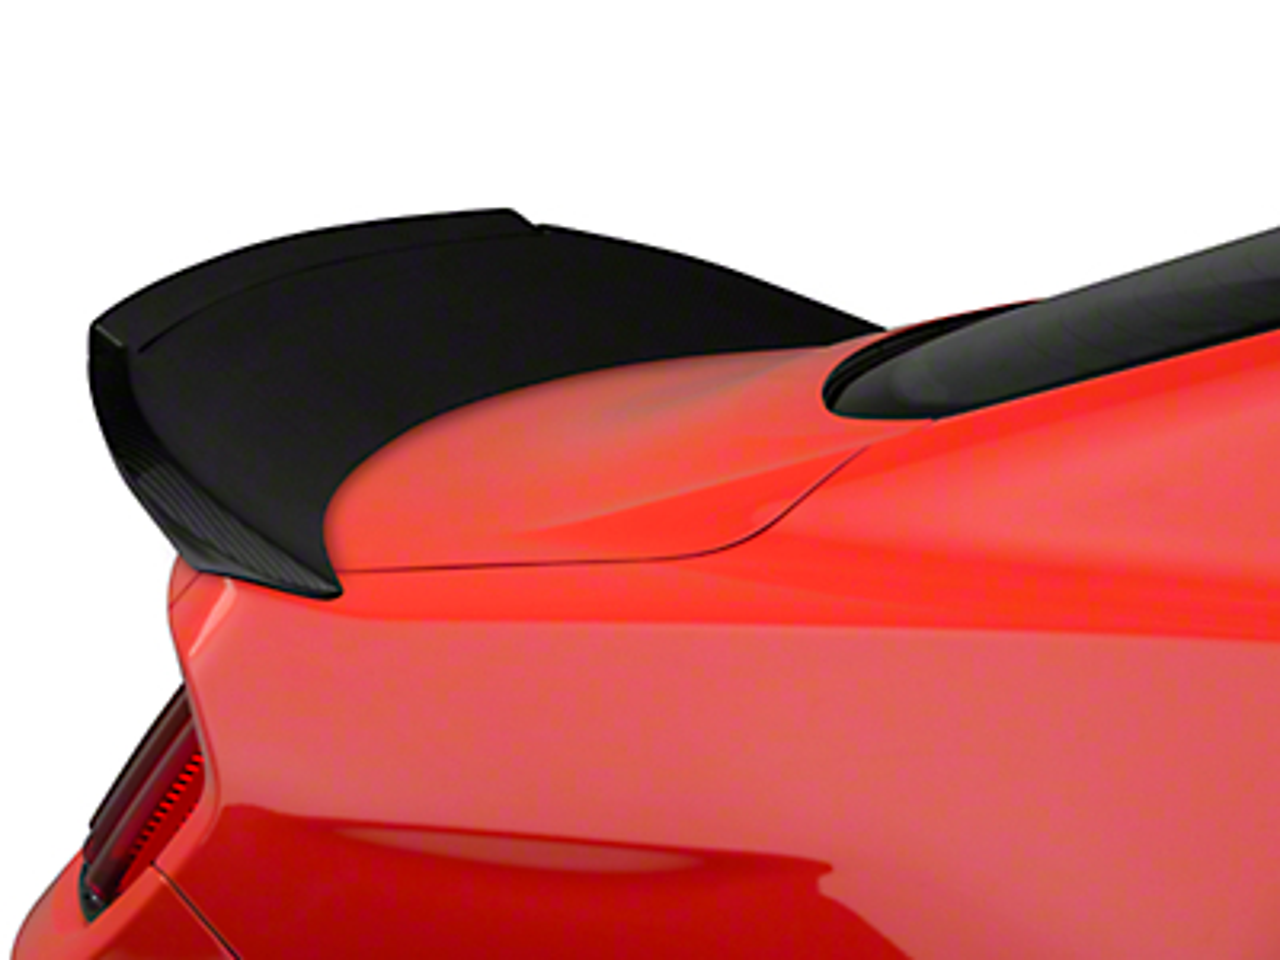 Trufiber Carbon Fiber Rear Spoiler w/ Gurney Flap - Fastback (15-16 GT, V6, EcoBoost)